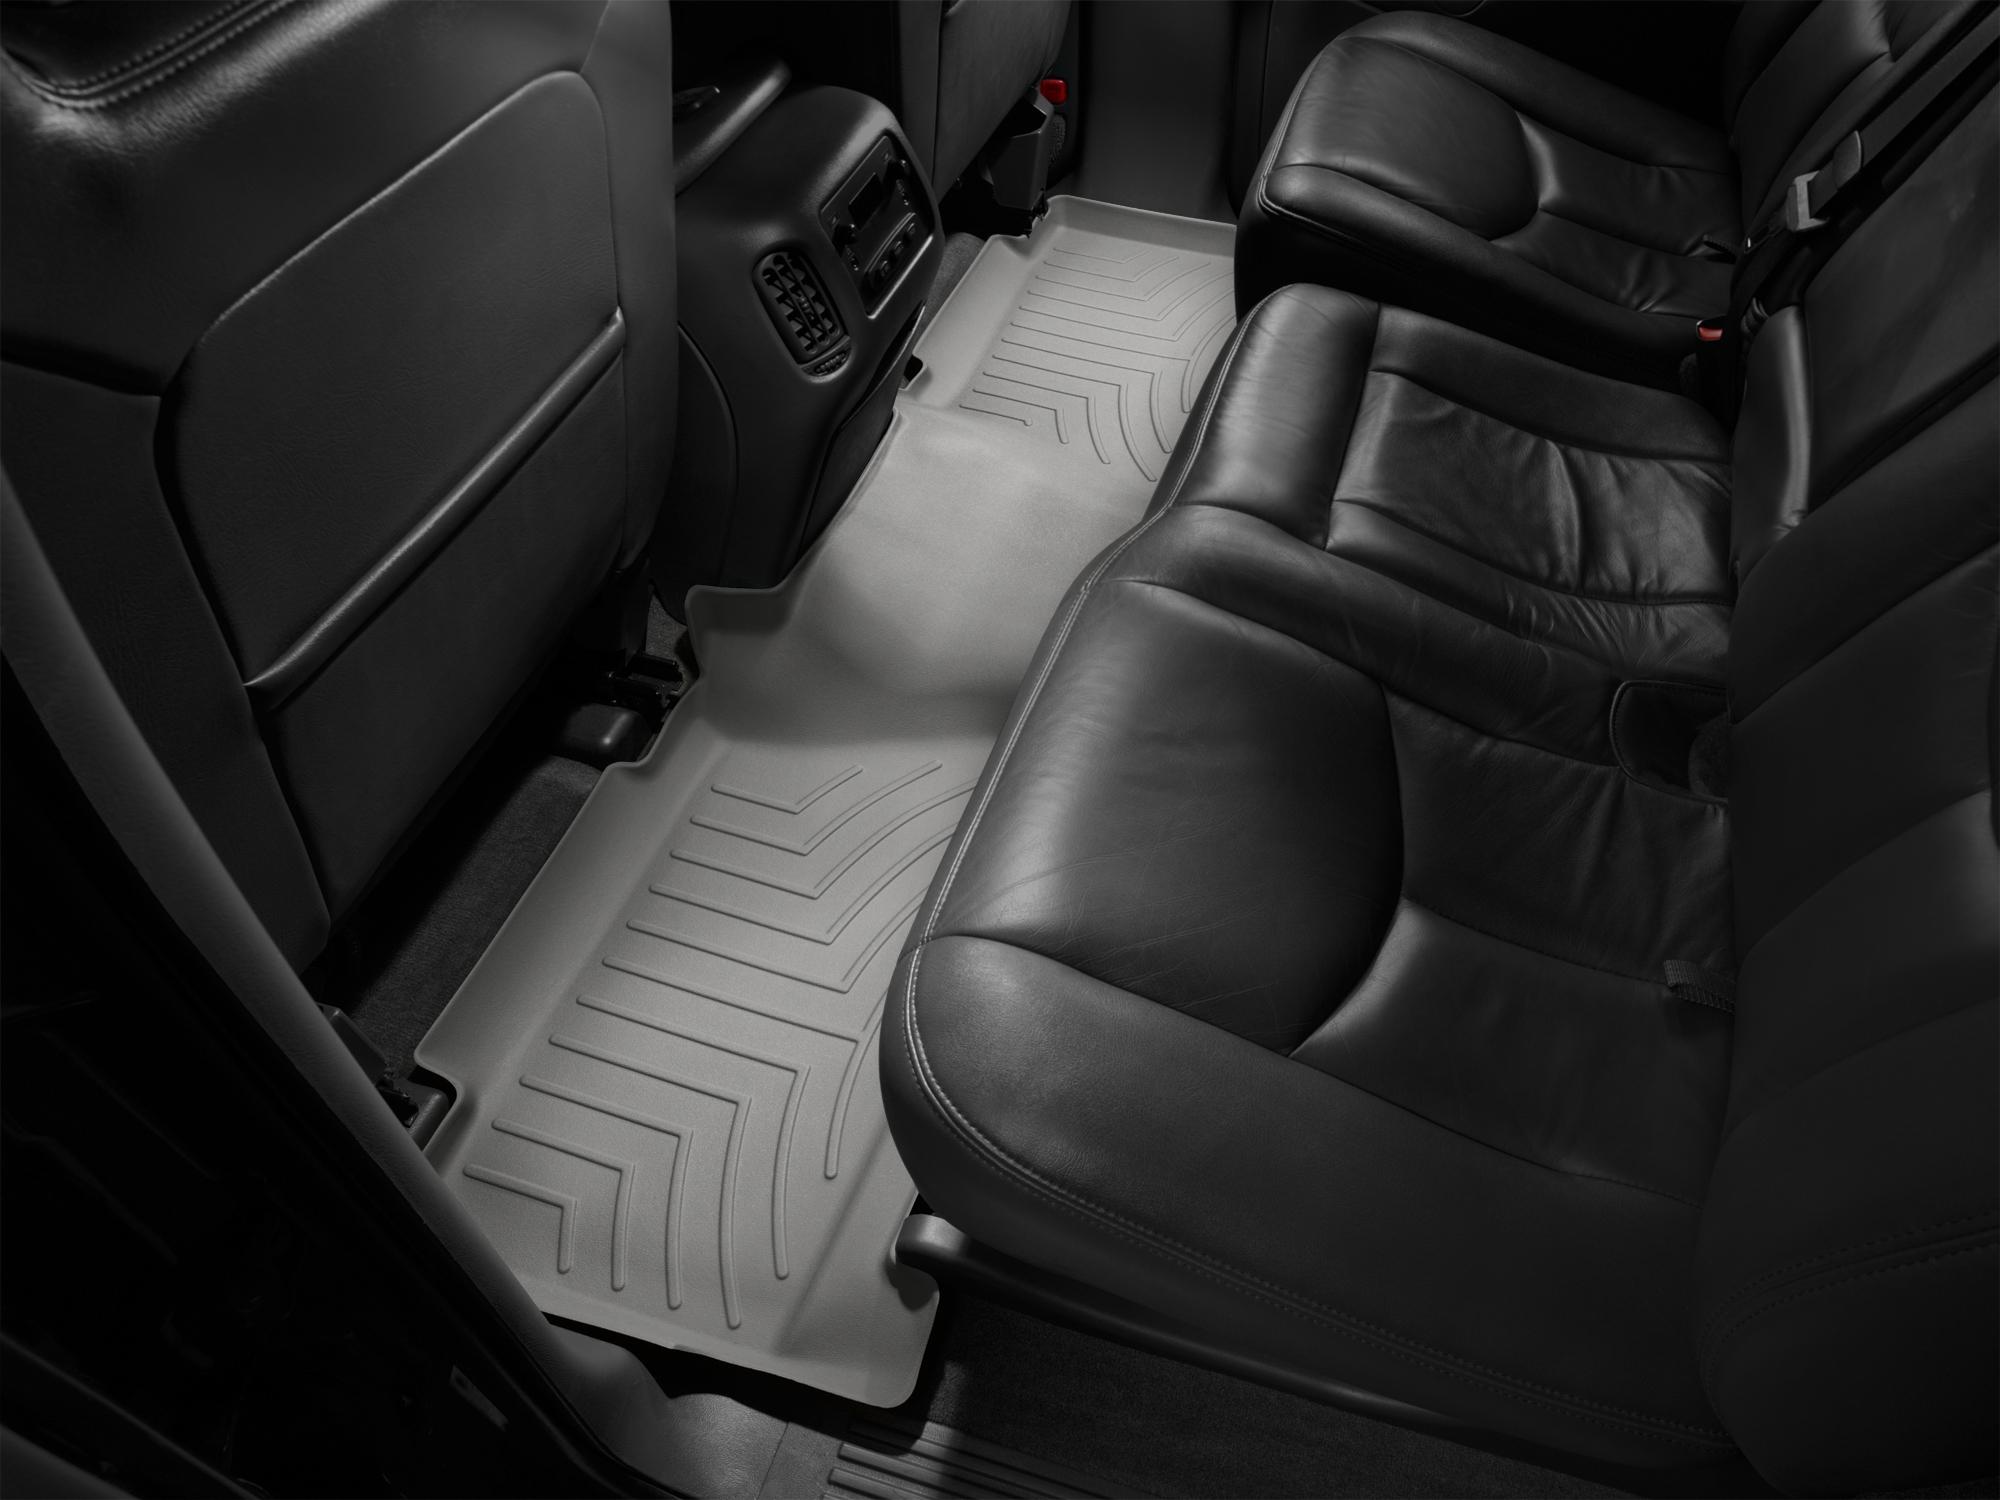 Tappeti gomma su misura bordo alto Chevrolet Silverado 01>06 Grigio A150